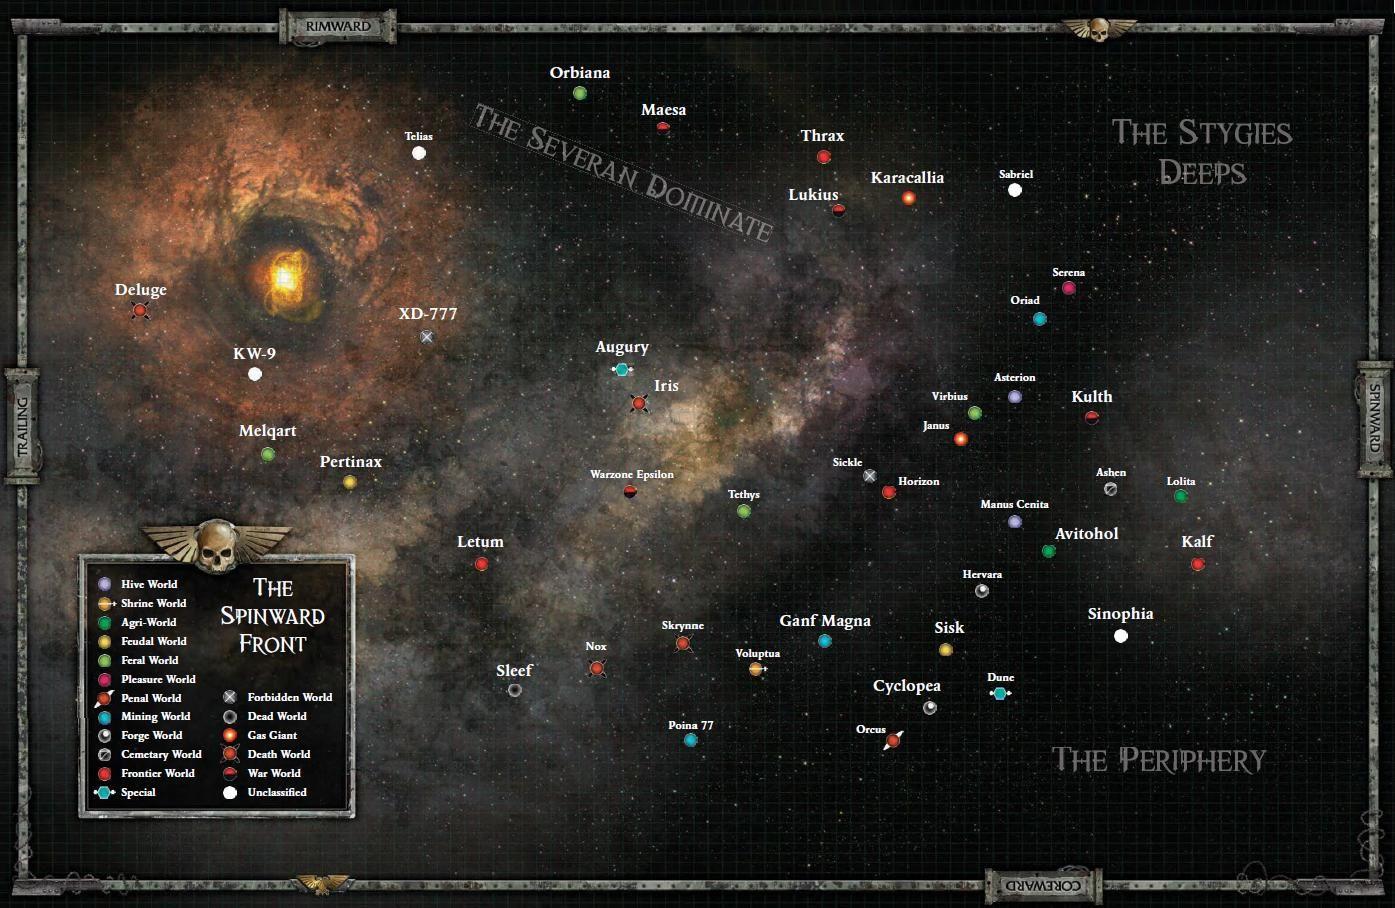 Pin by Robert Shea on 10K: Universe   Warhammer 40k rpg ... Koronus Expanse Map on